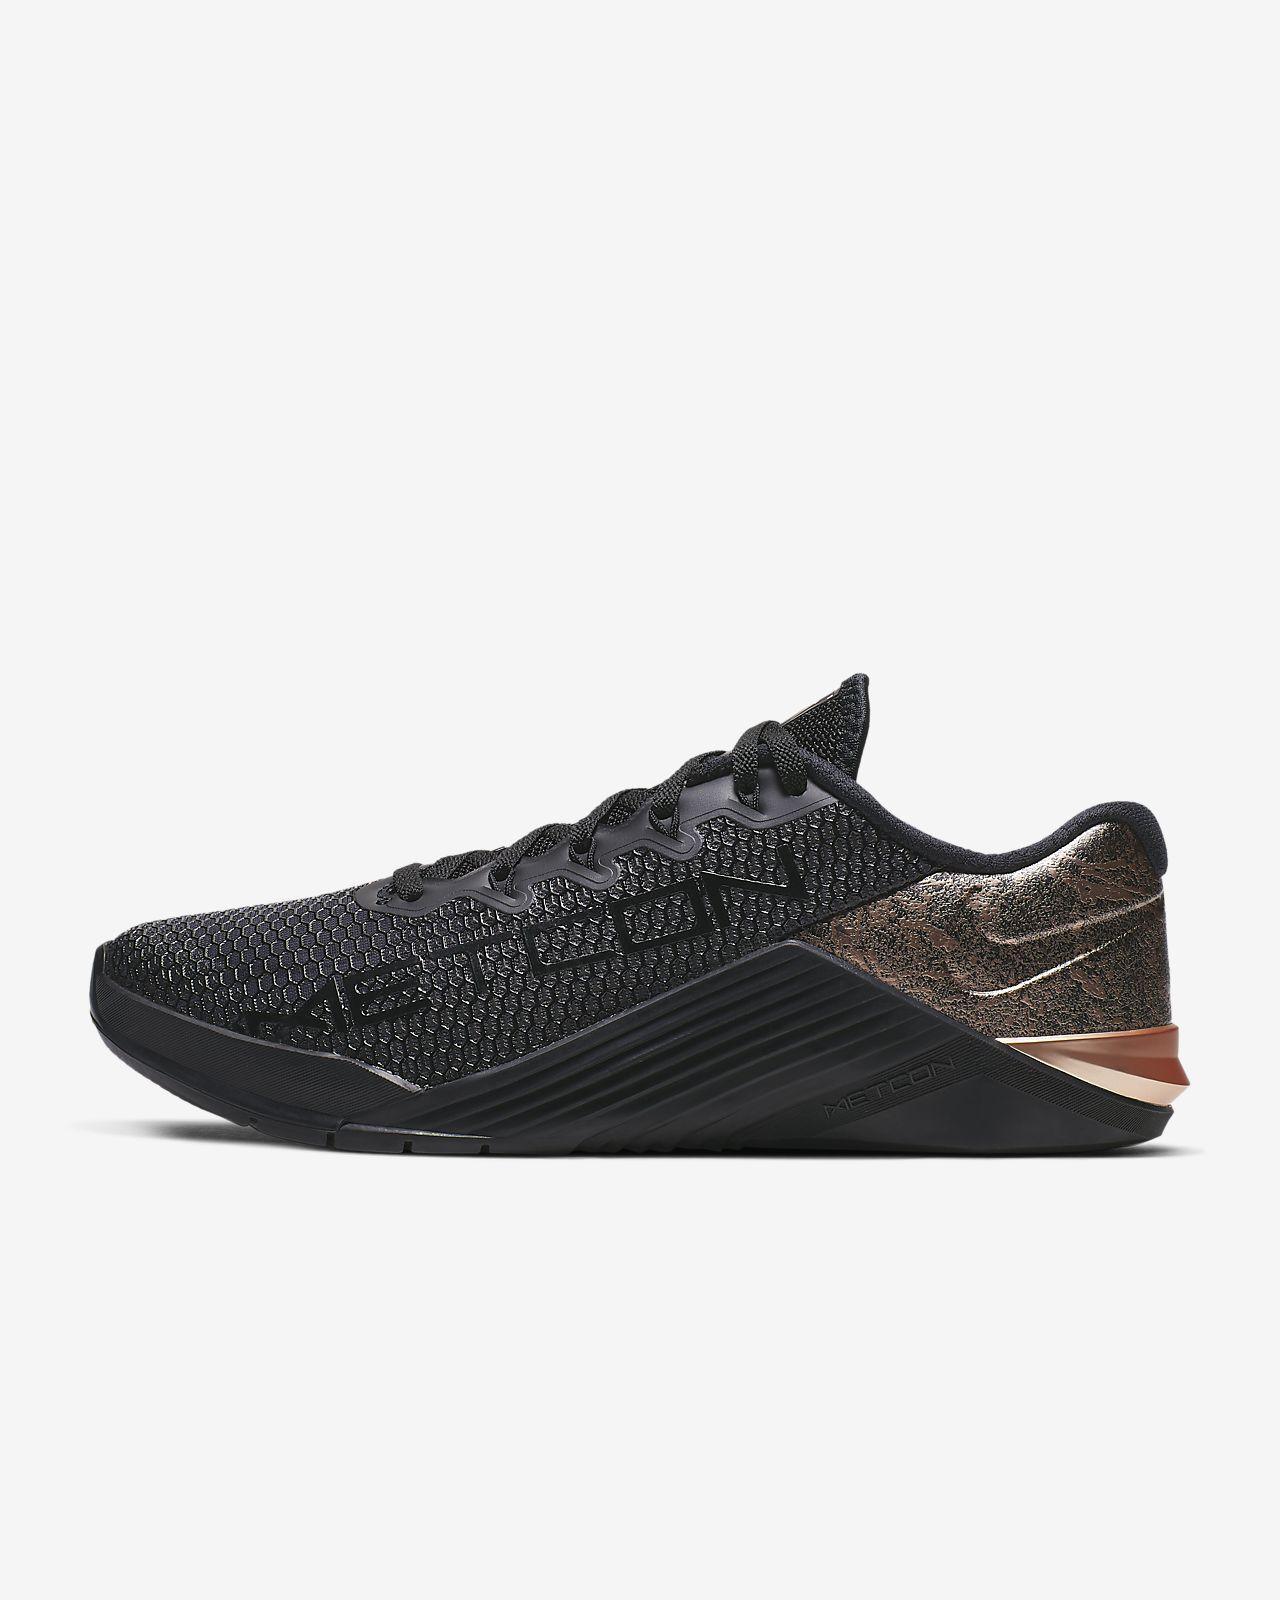 Nike Metcon 5 Black x Rose Gold Zapatillas de entrenamiento - Mujer